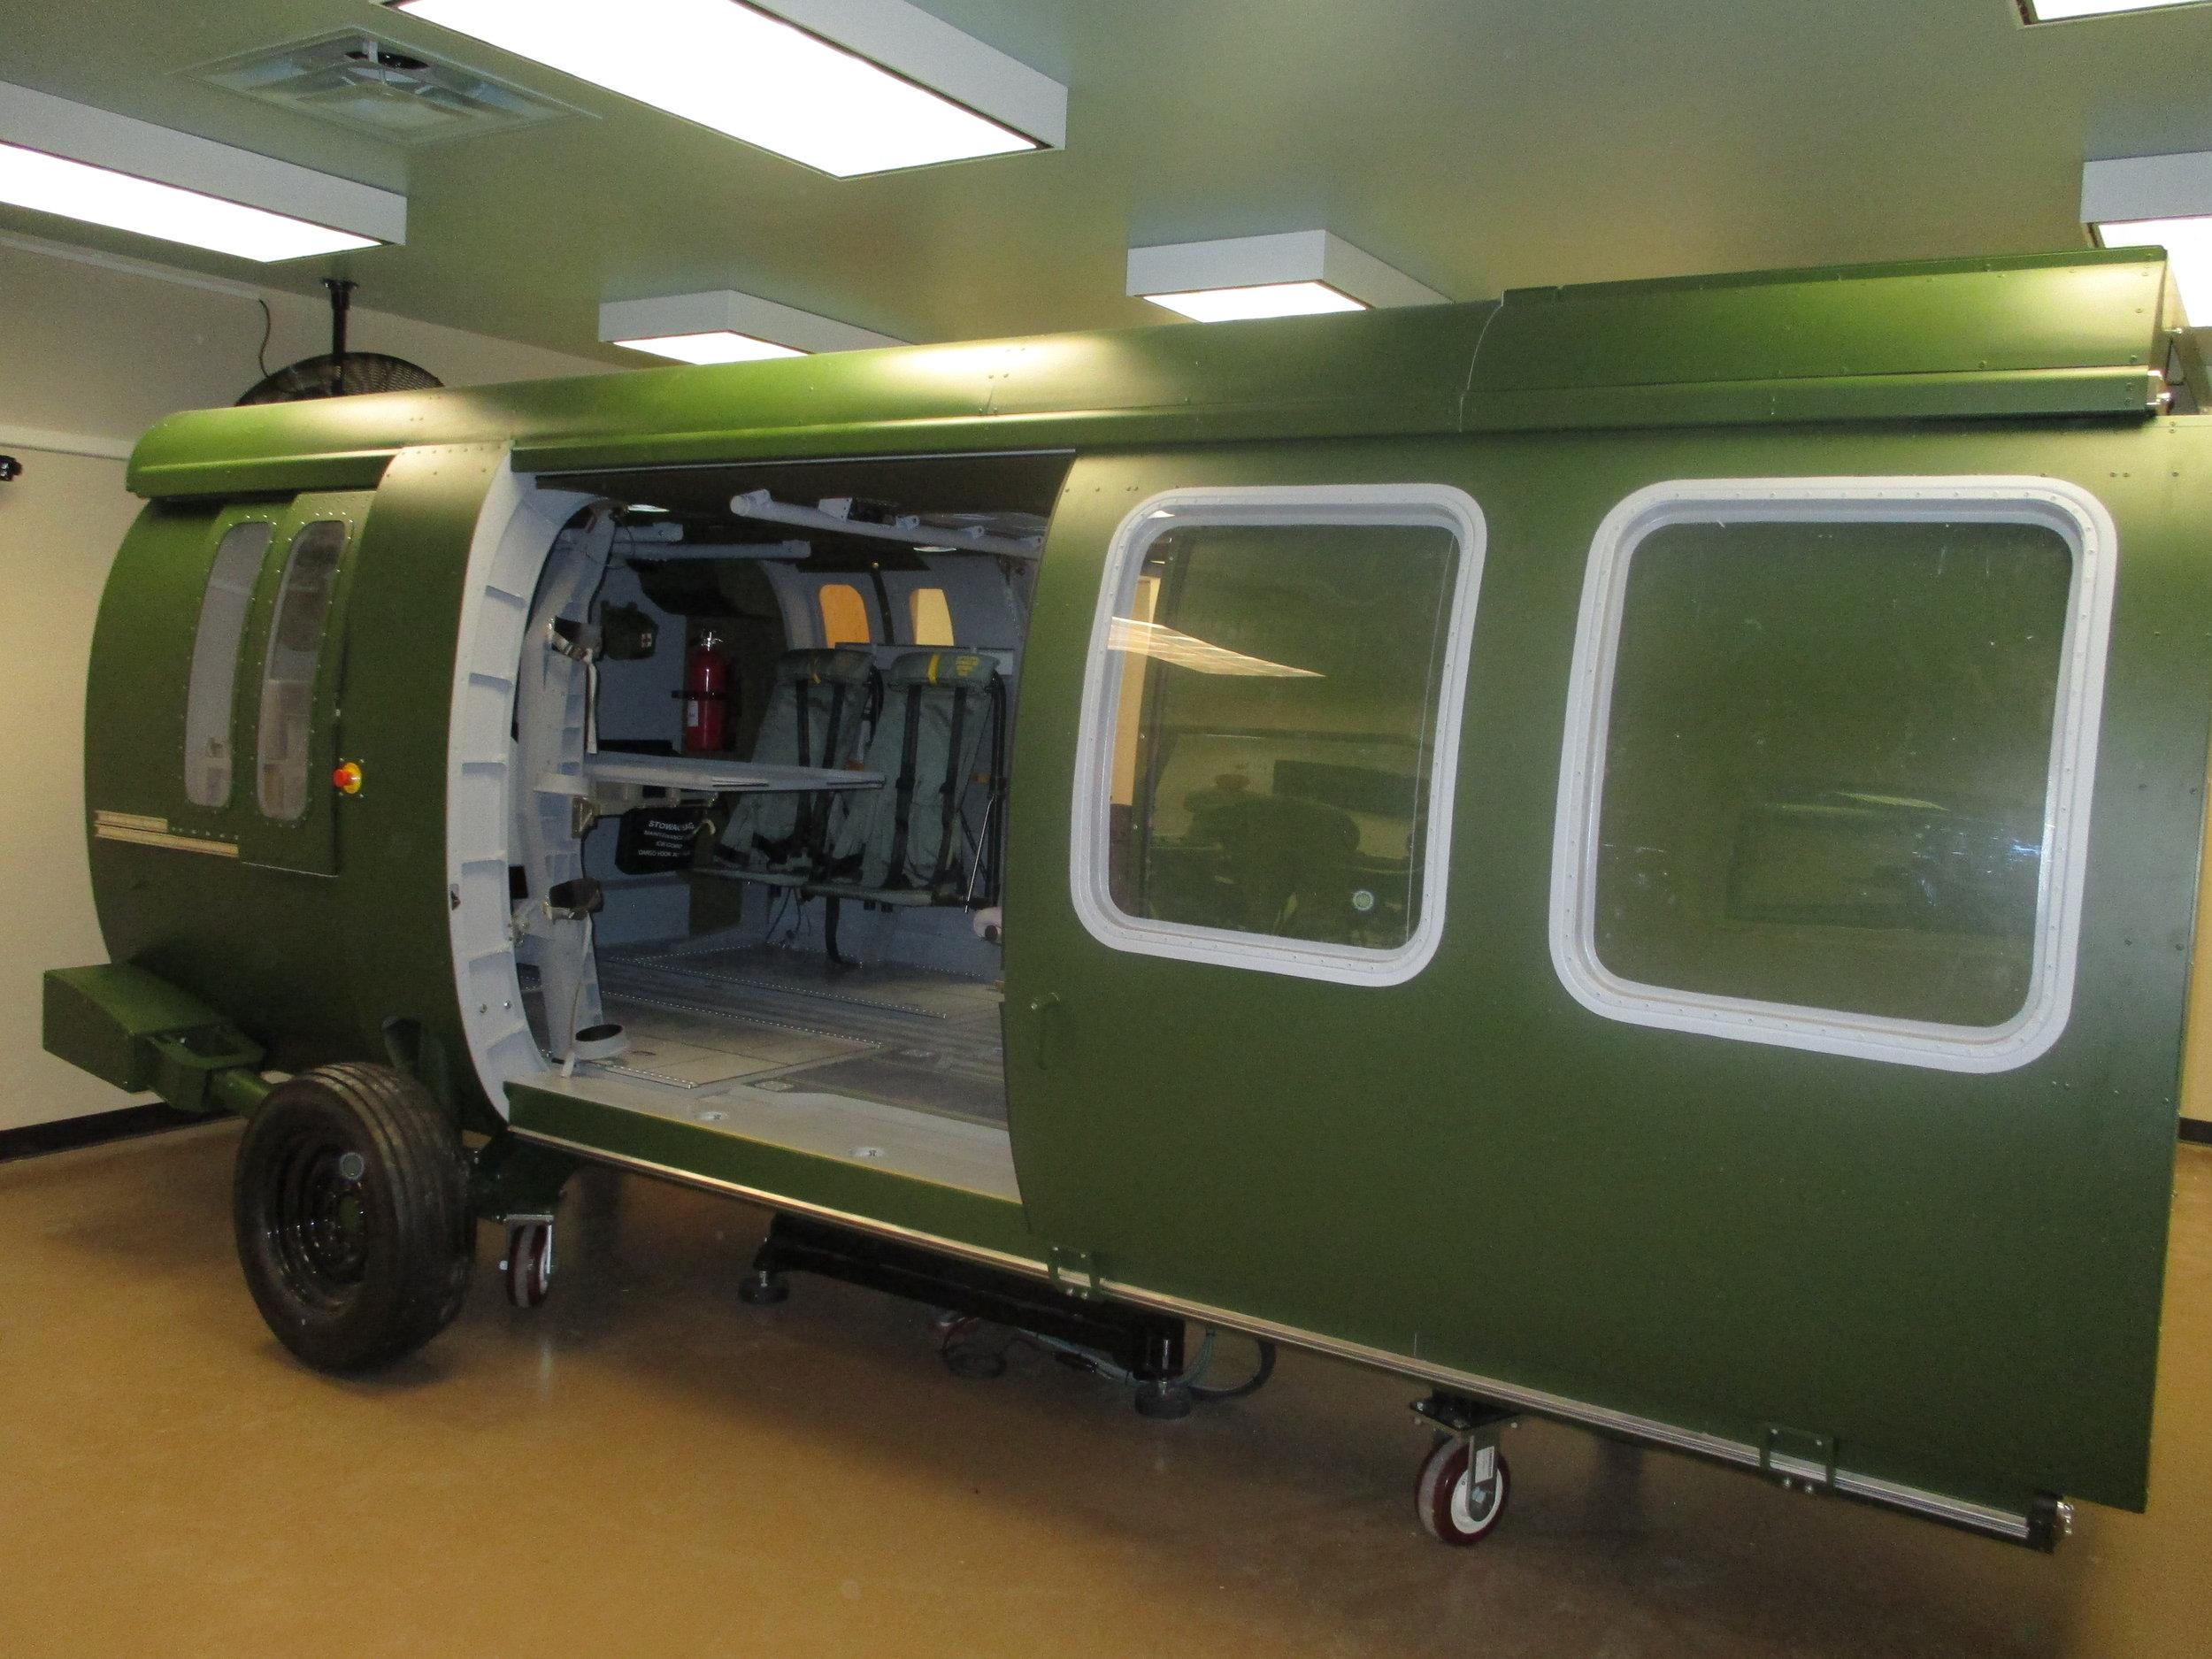 UH-60 TMTL Exterior